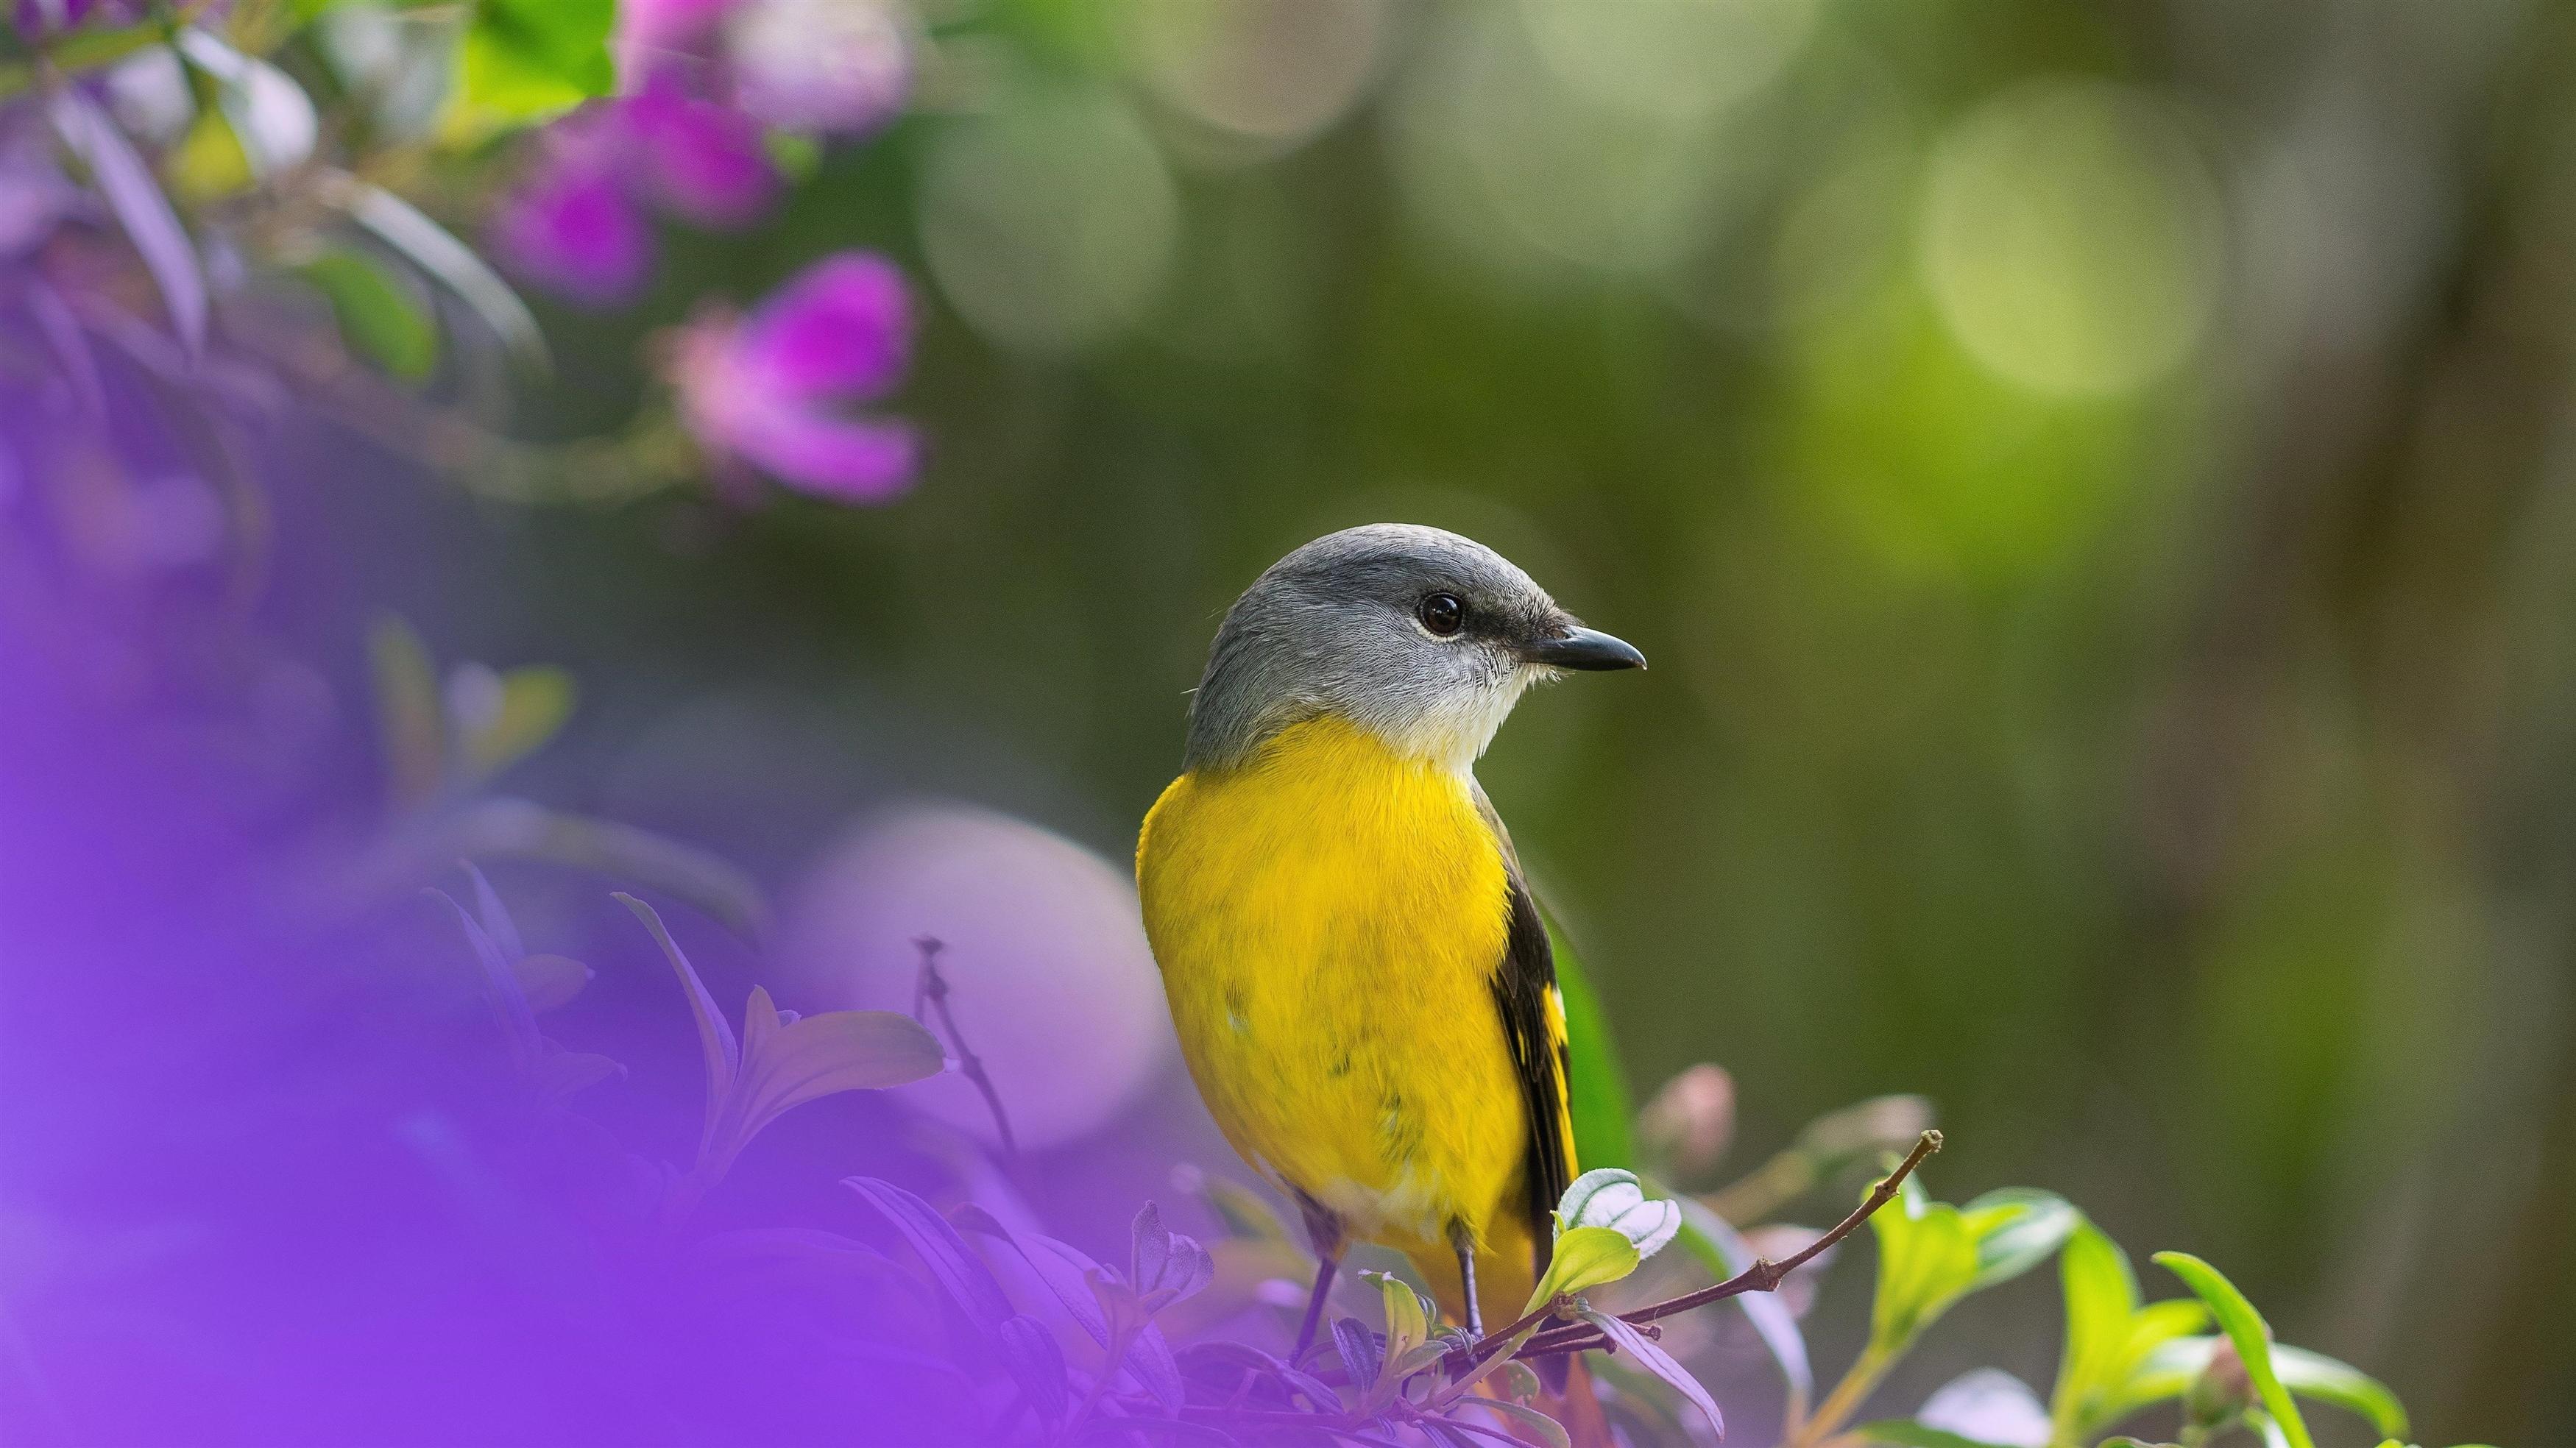 Боке желтая Ясеневая птица на ветке дерева в зеленом размытом фоне птицы обои скачать